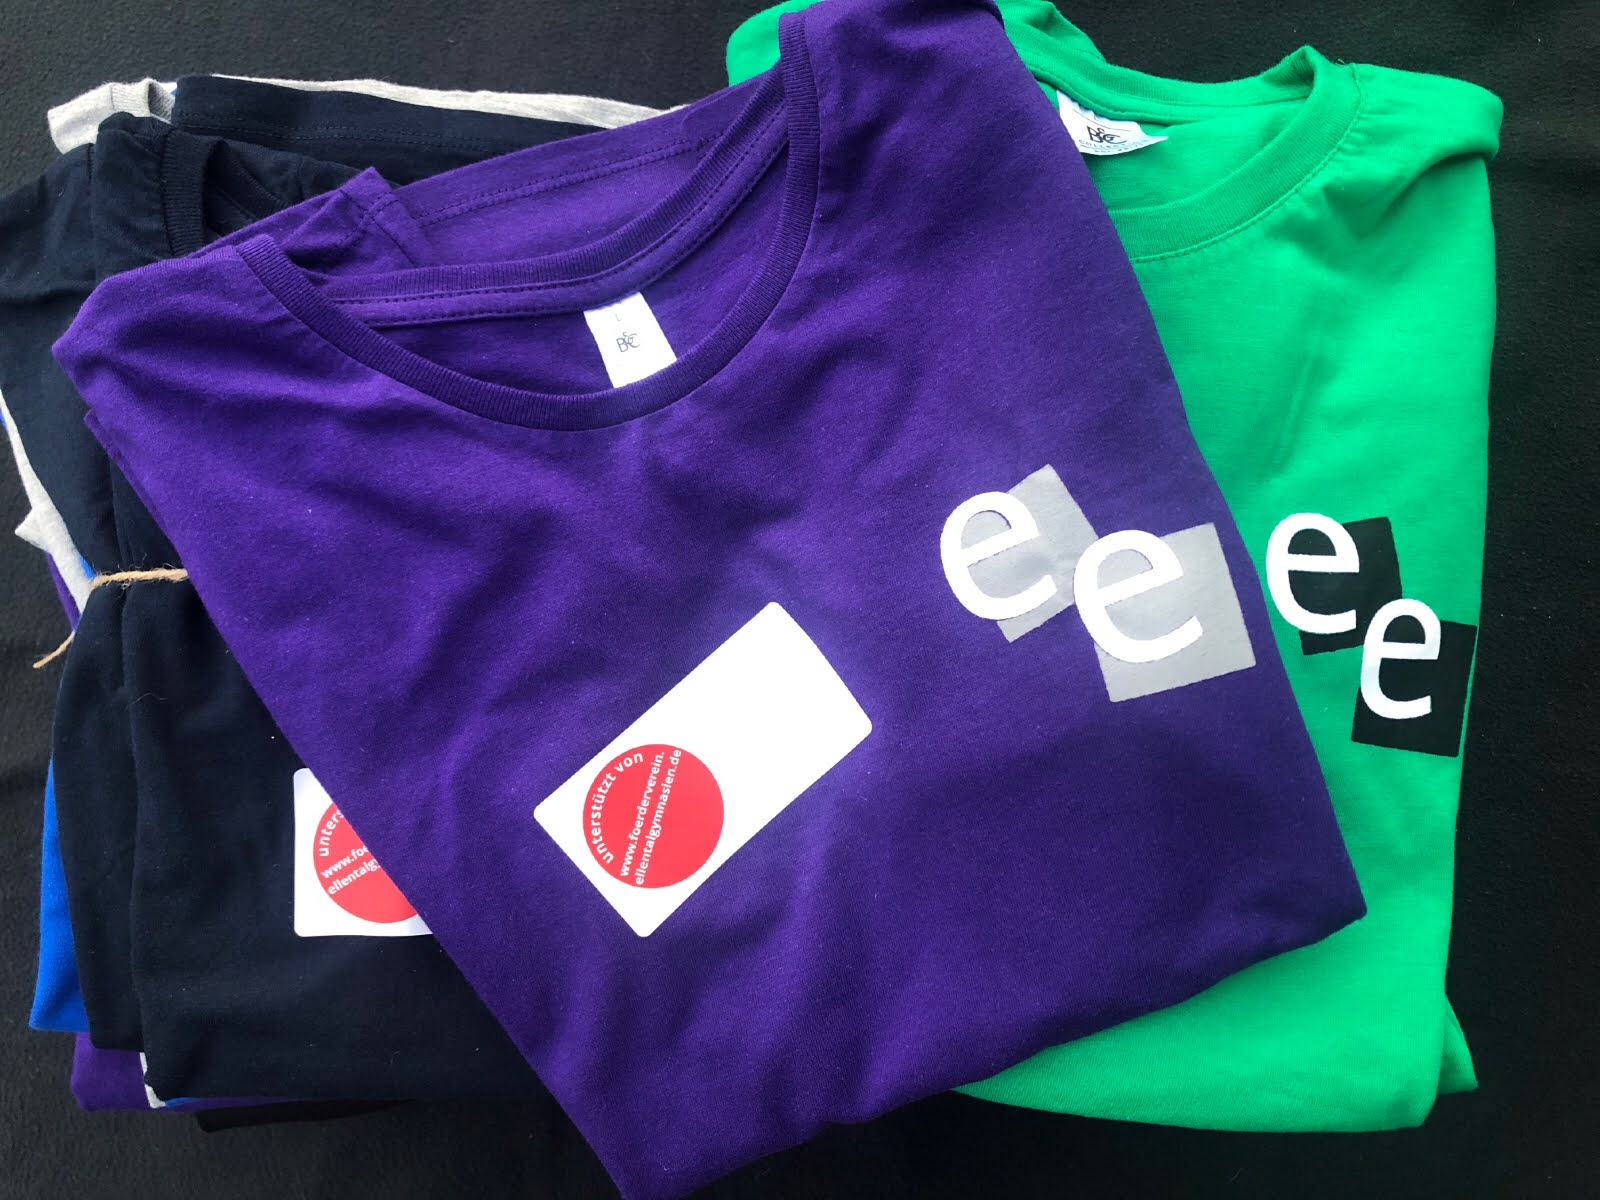 Die Bestell-Aktion Okt./Nov. 2020 der Schul-T-Shirts ist abgeschlossen